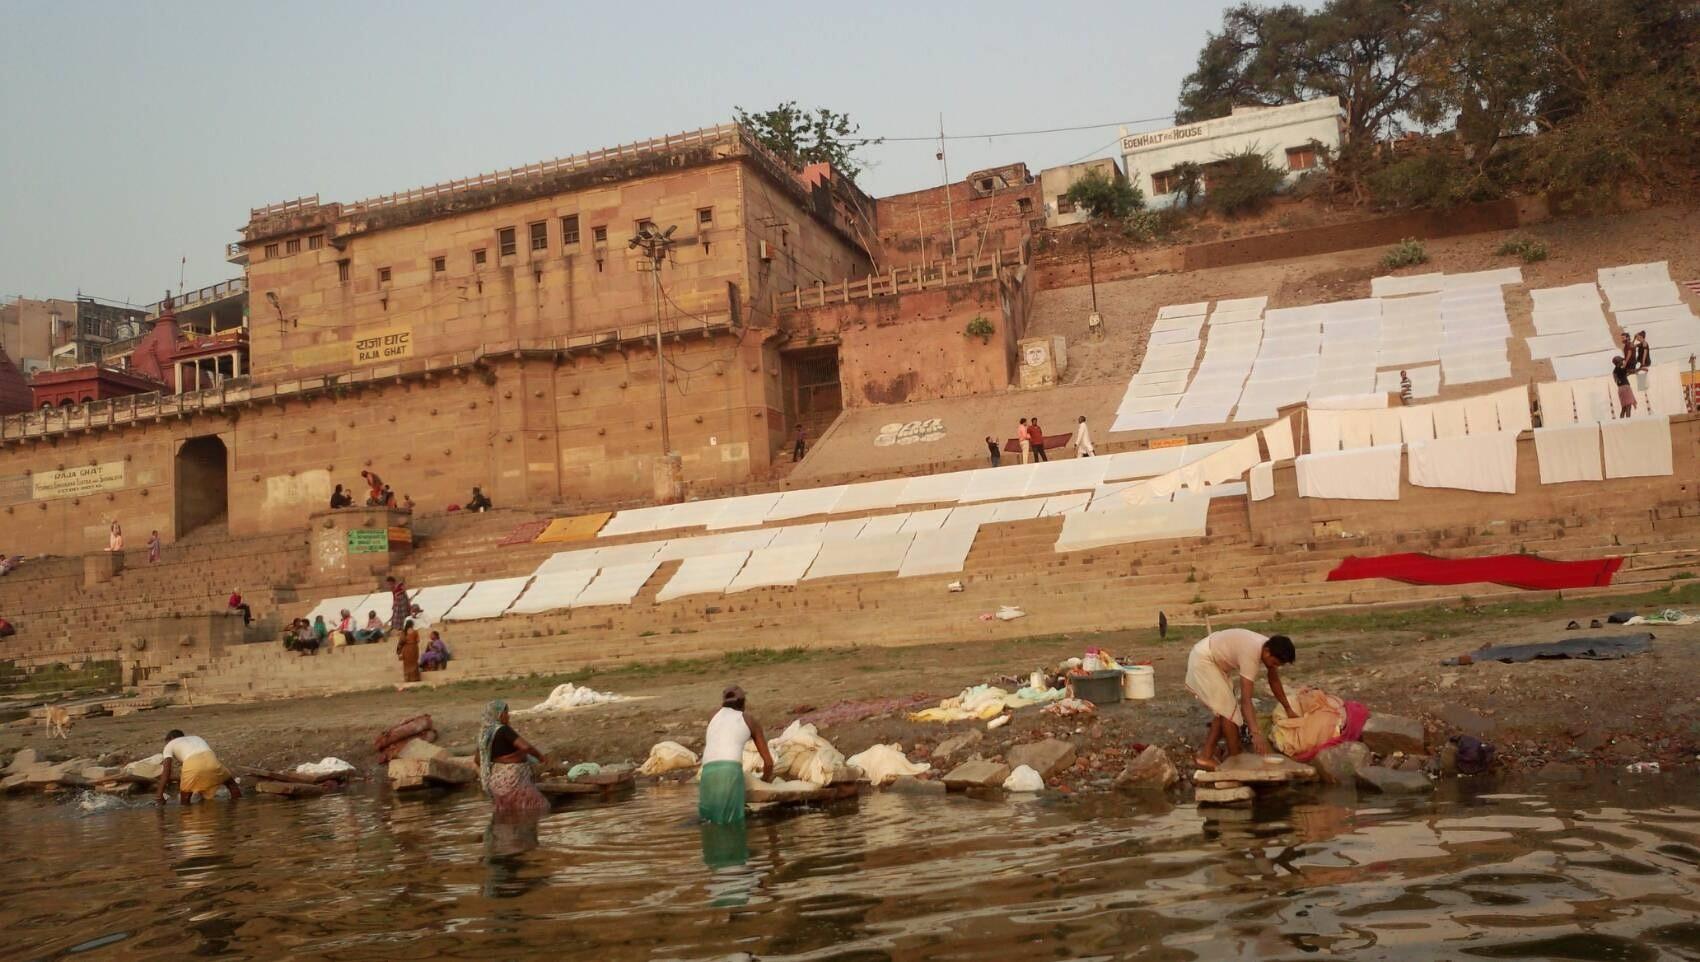 母なるガンガー(インド人達の信仰するガンジス川)で洗濯や沐浴したりお祈りする人々